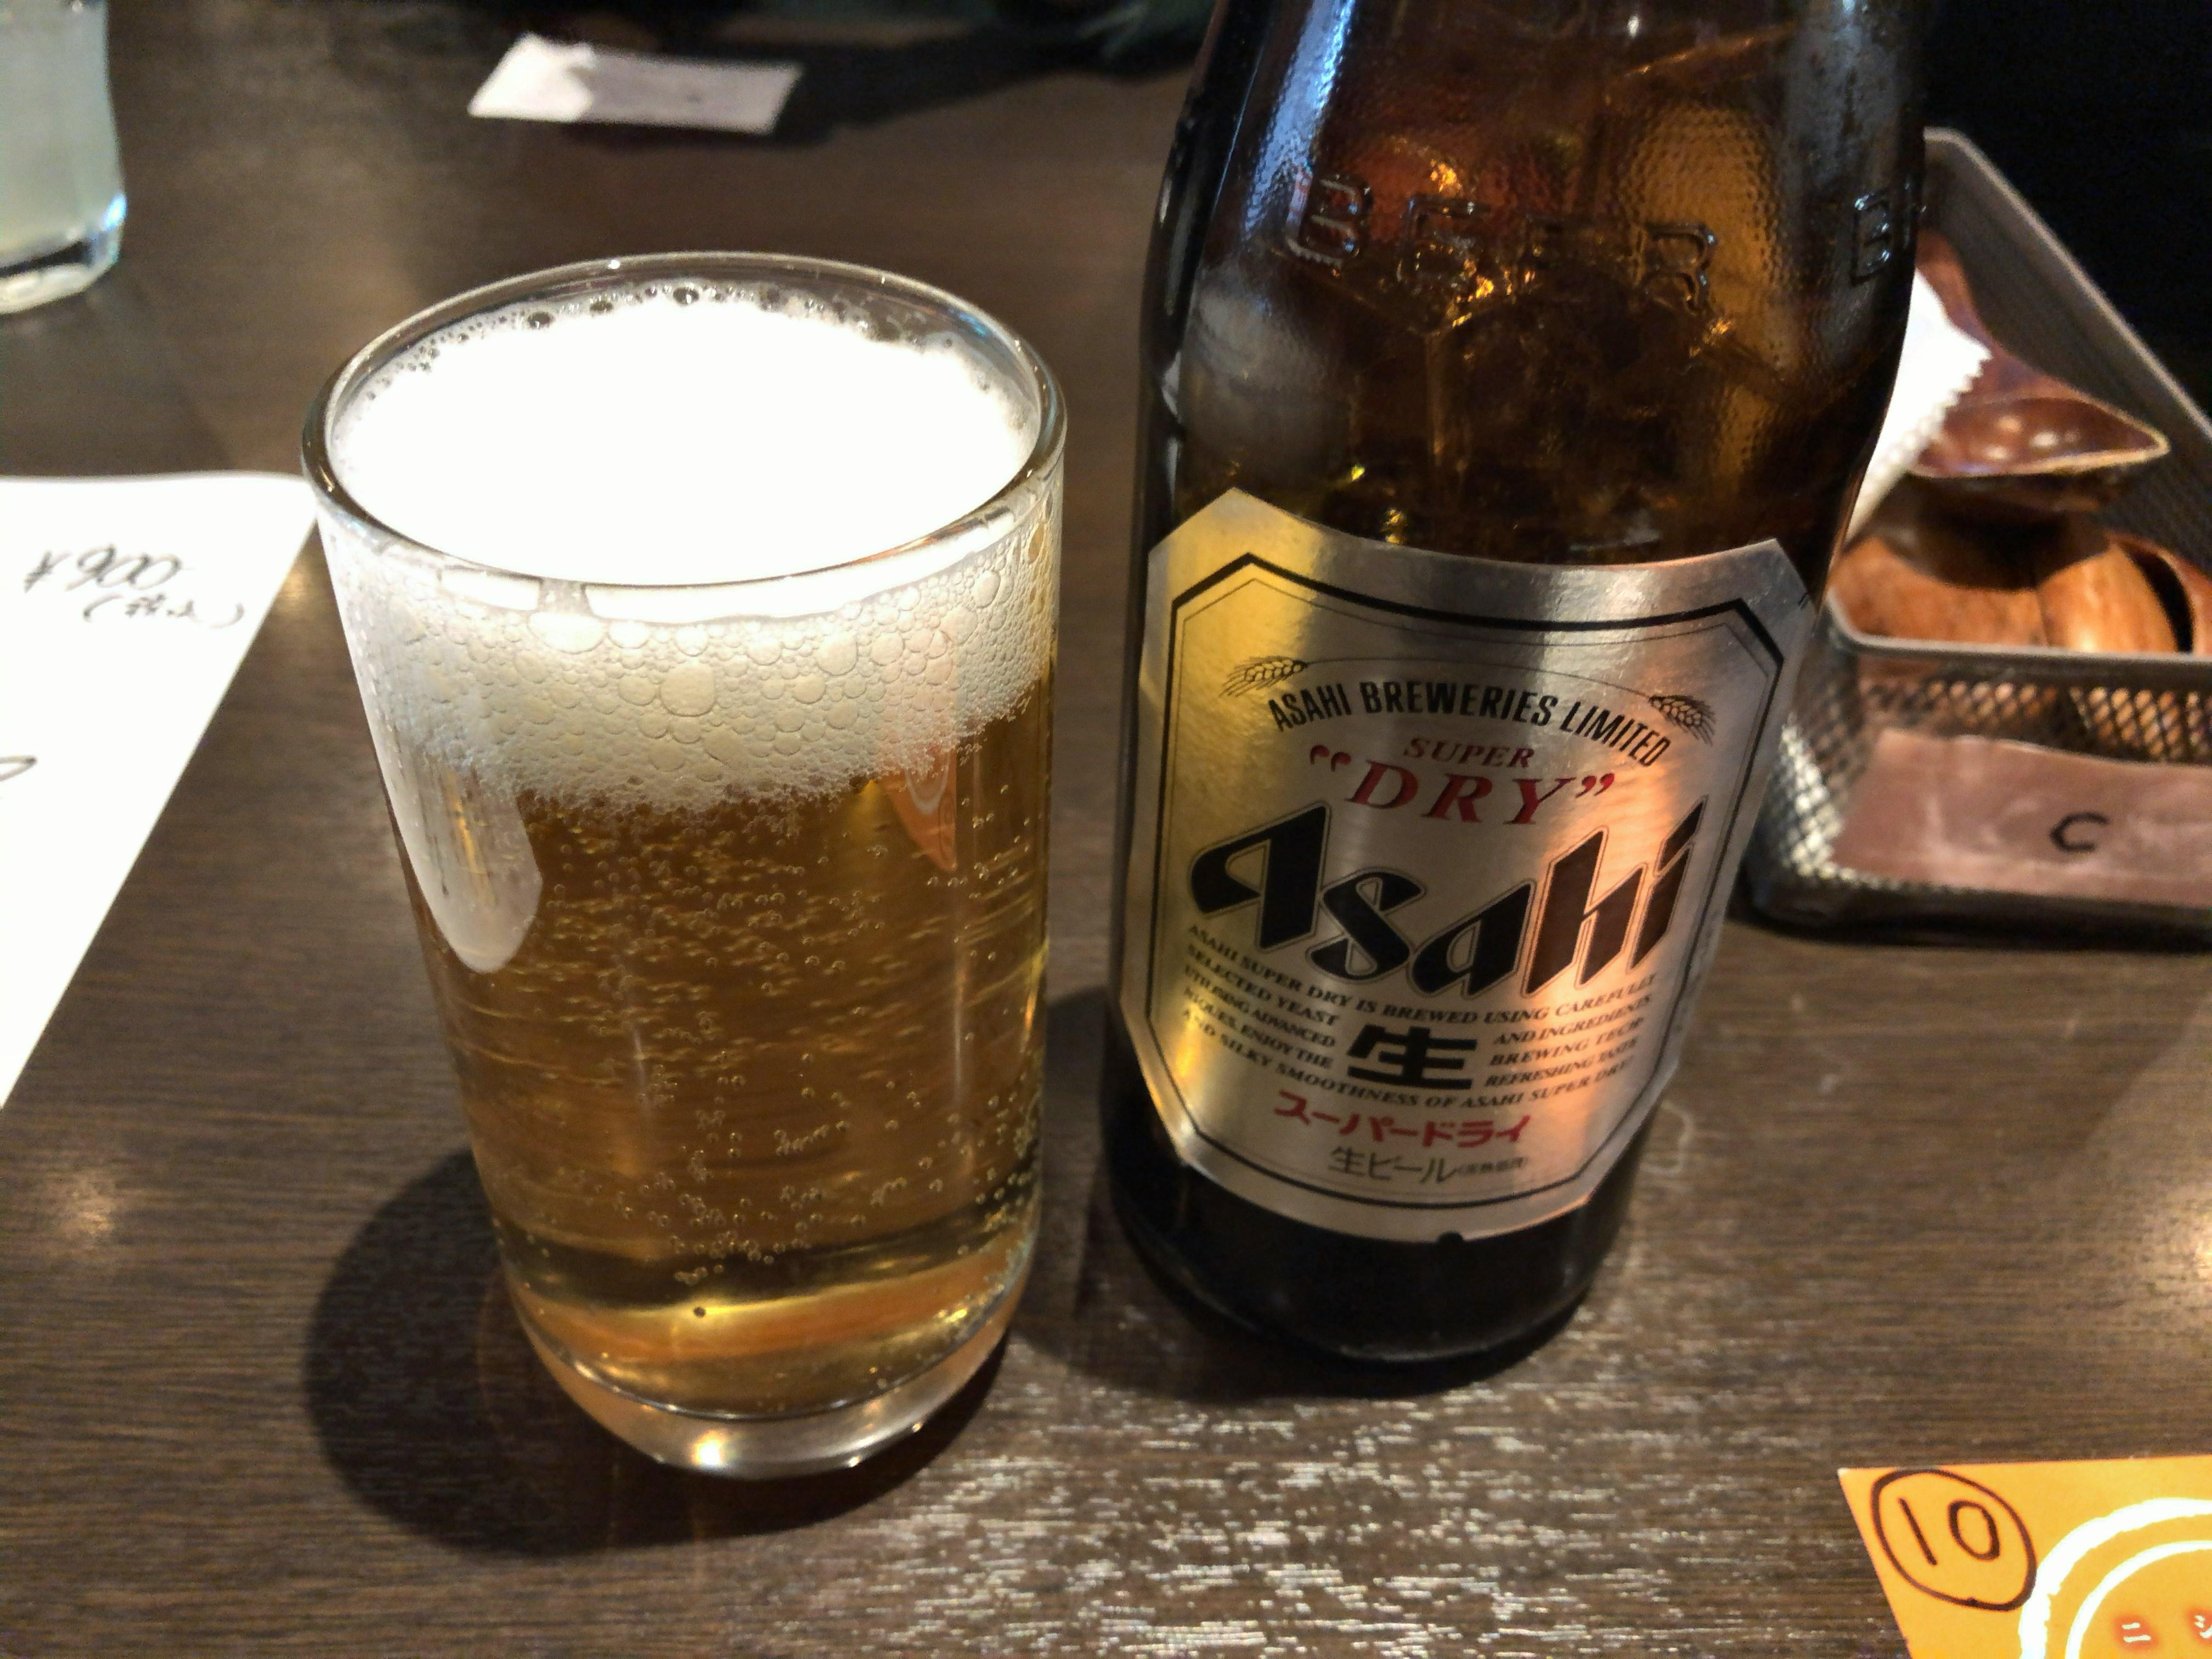 syunkatou-beer